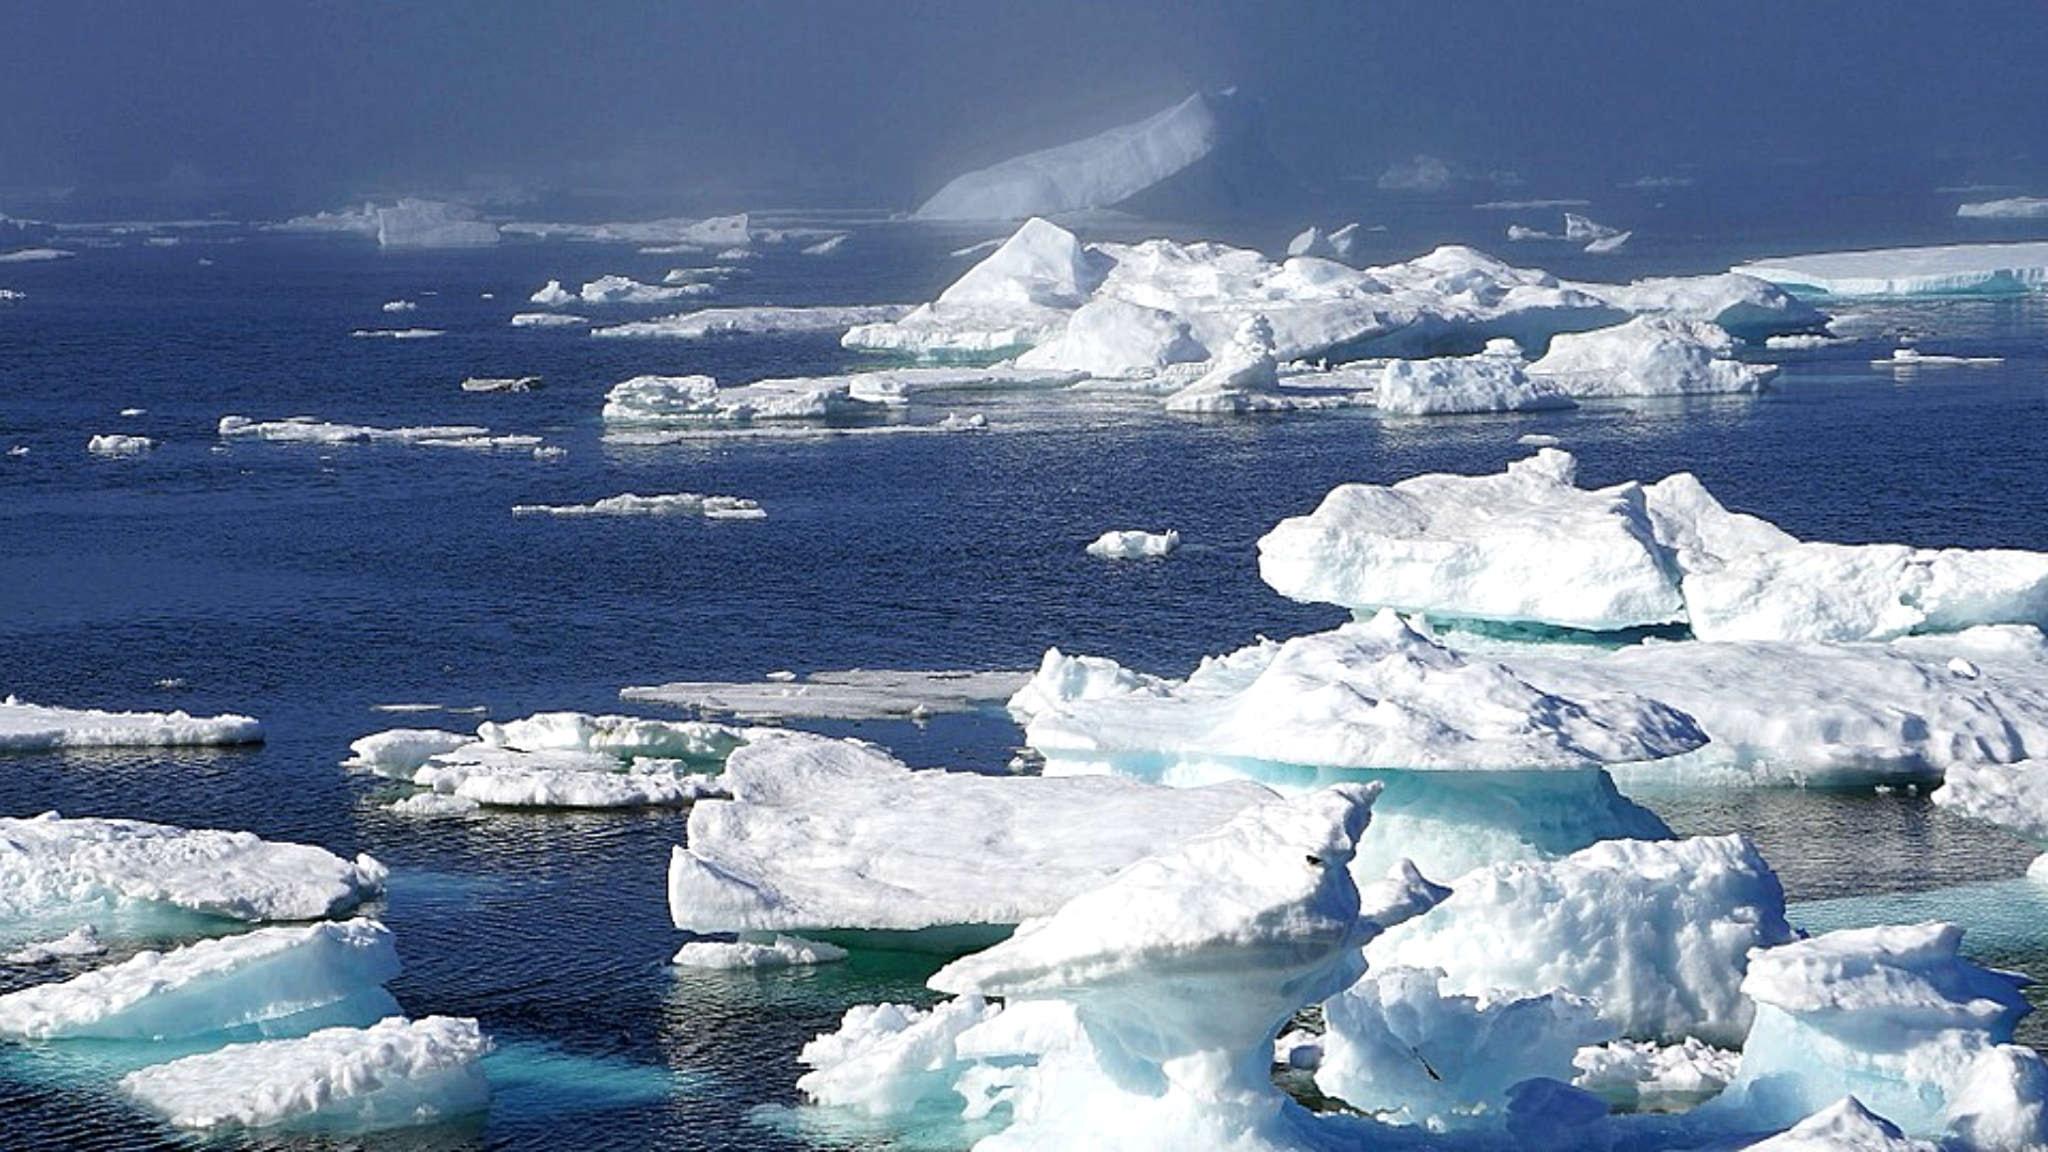 Flygkraschen i Ishavet av Anna Hammarén